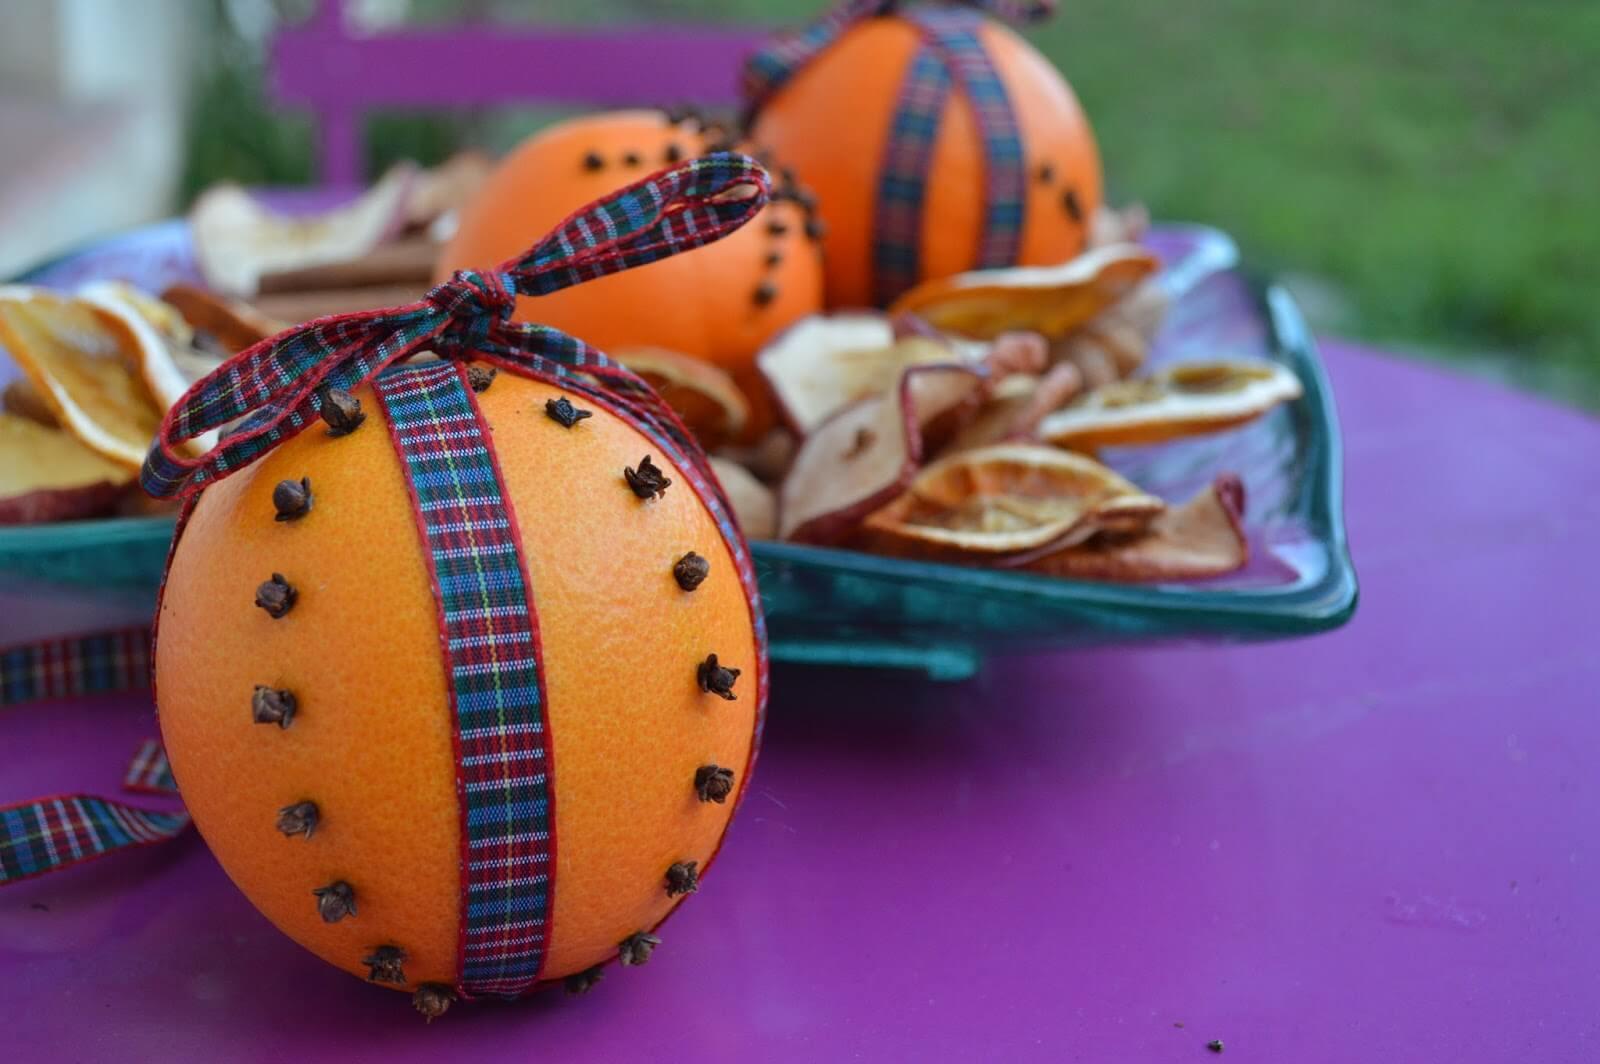 Ambientador de clavos y naranja